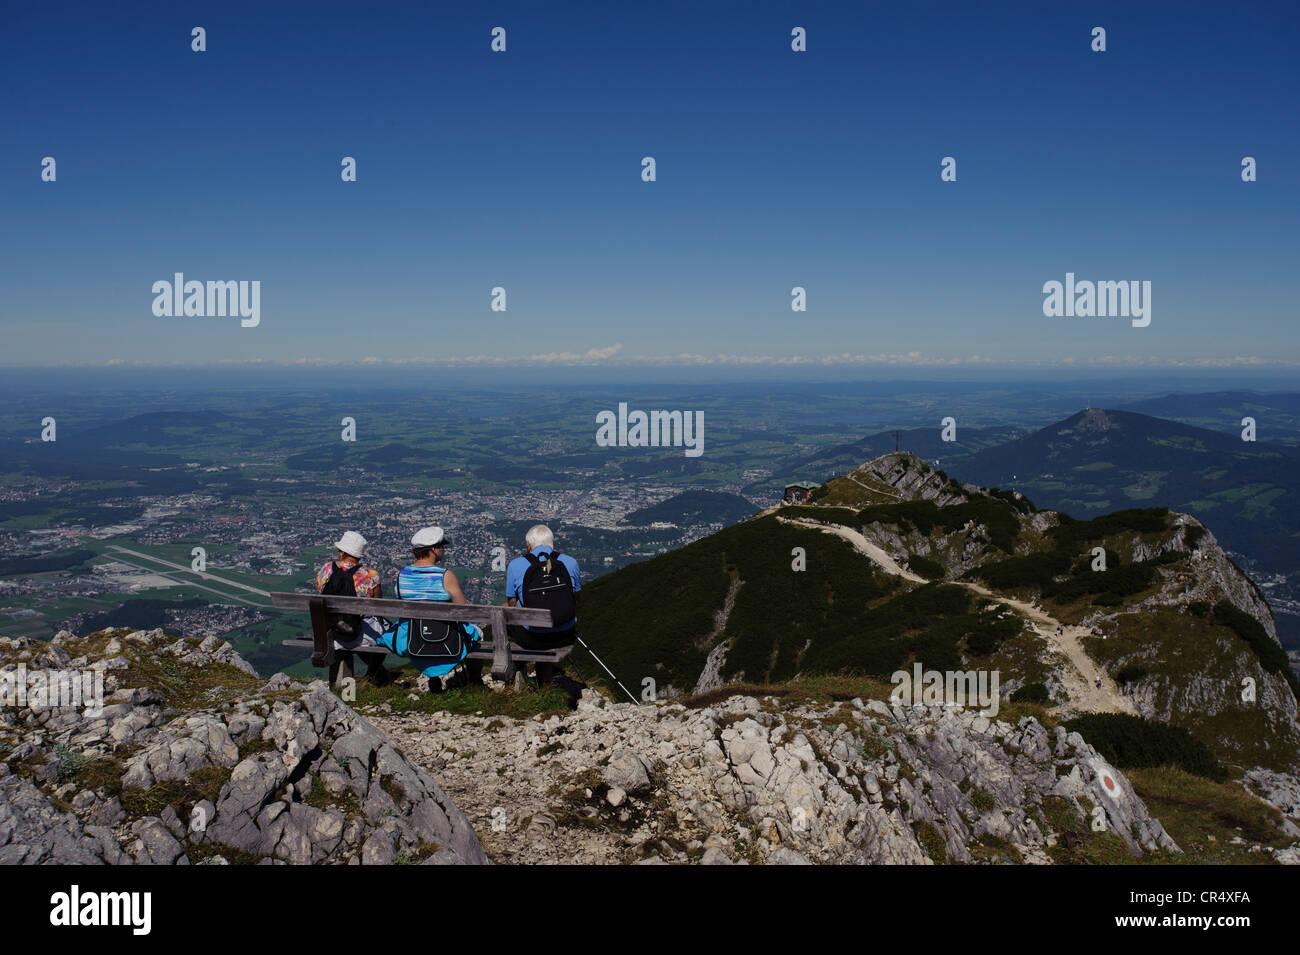 Seniorinnen und Senioren auf einer Bank sitzend genießen die Aussicht vom Salzburger Hochthron Berg, Untersberg, Stockbild